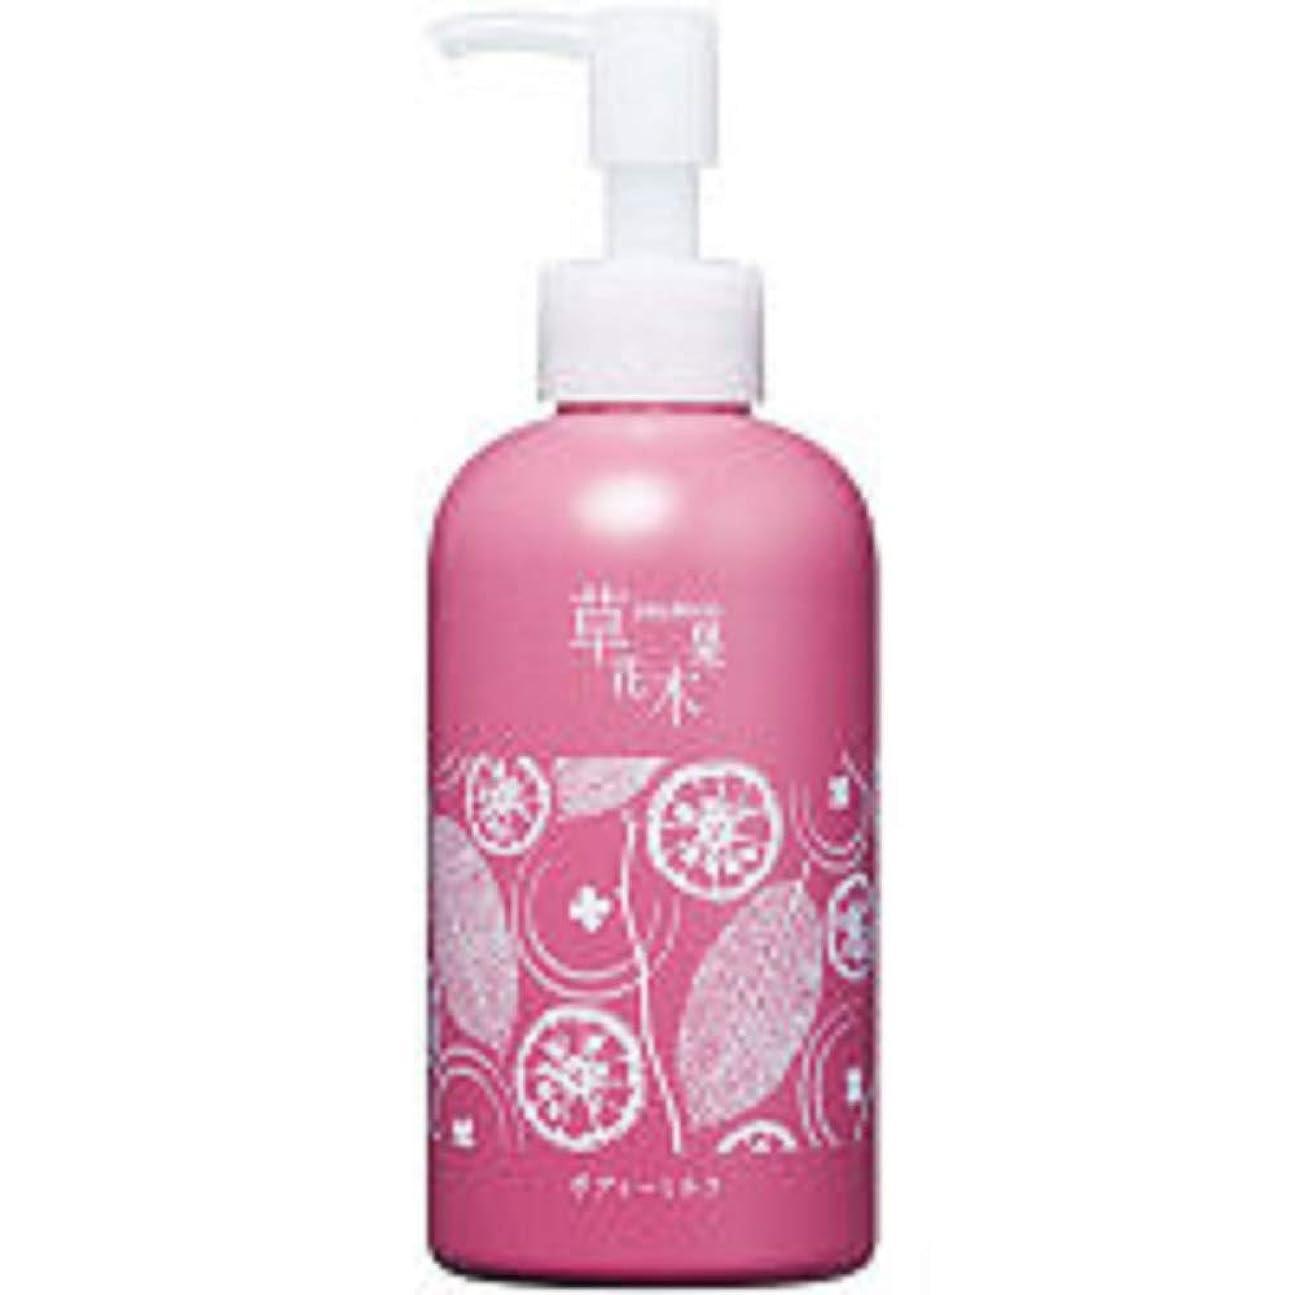 睡眠暴動再発する草花木果(そうかもっか) アロマボディミルク(花の香りのボディミルク)(200mL 約30回分?両腕と両脚に使用した場合) ボディーミルク 保湿